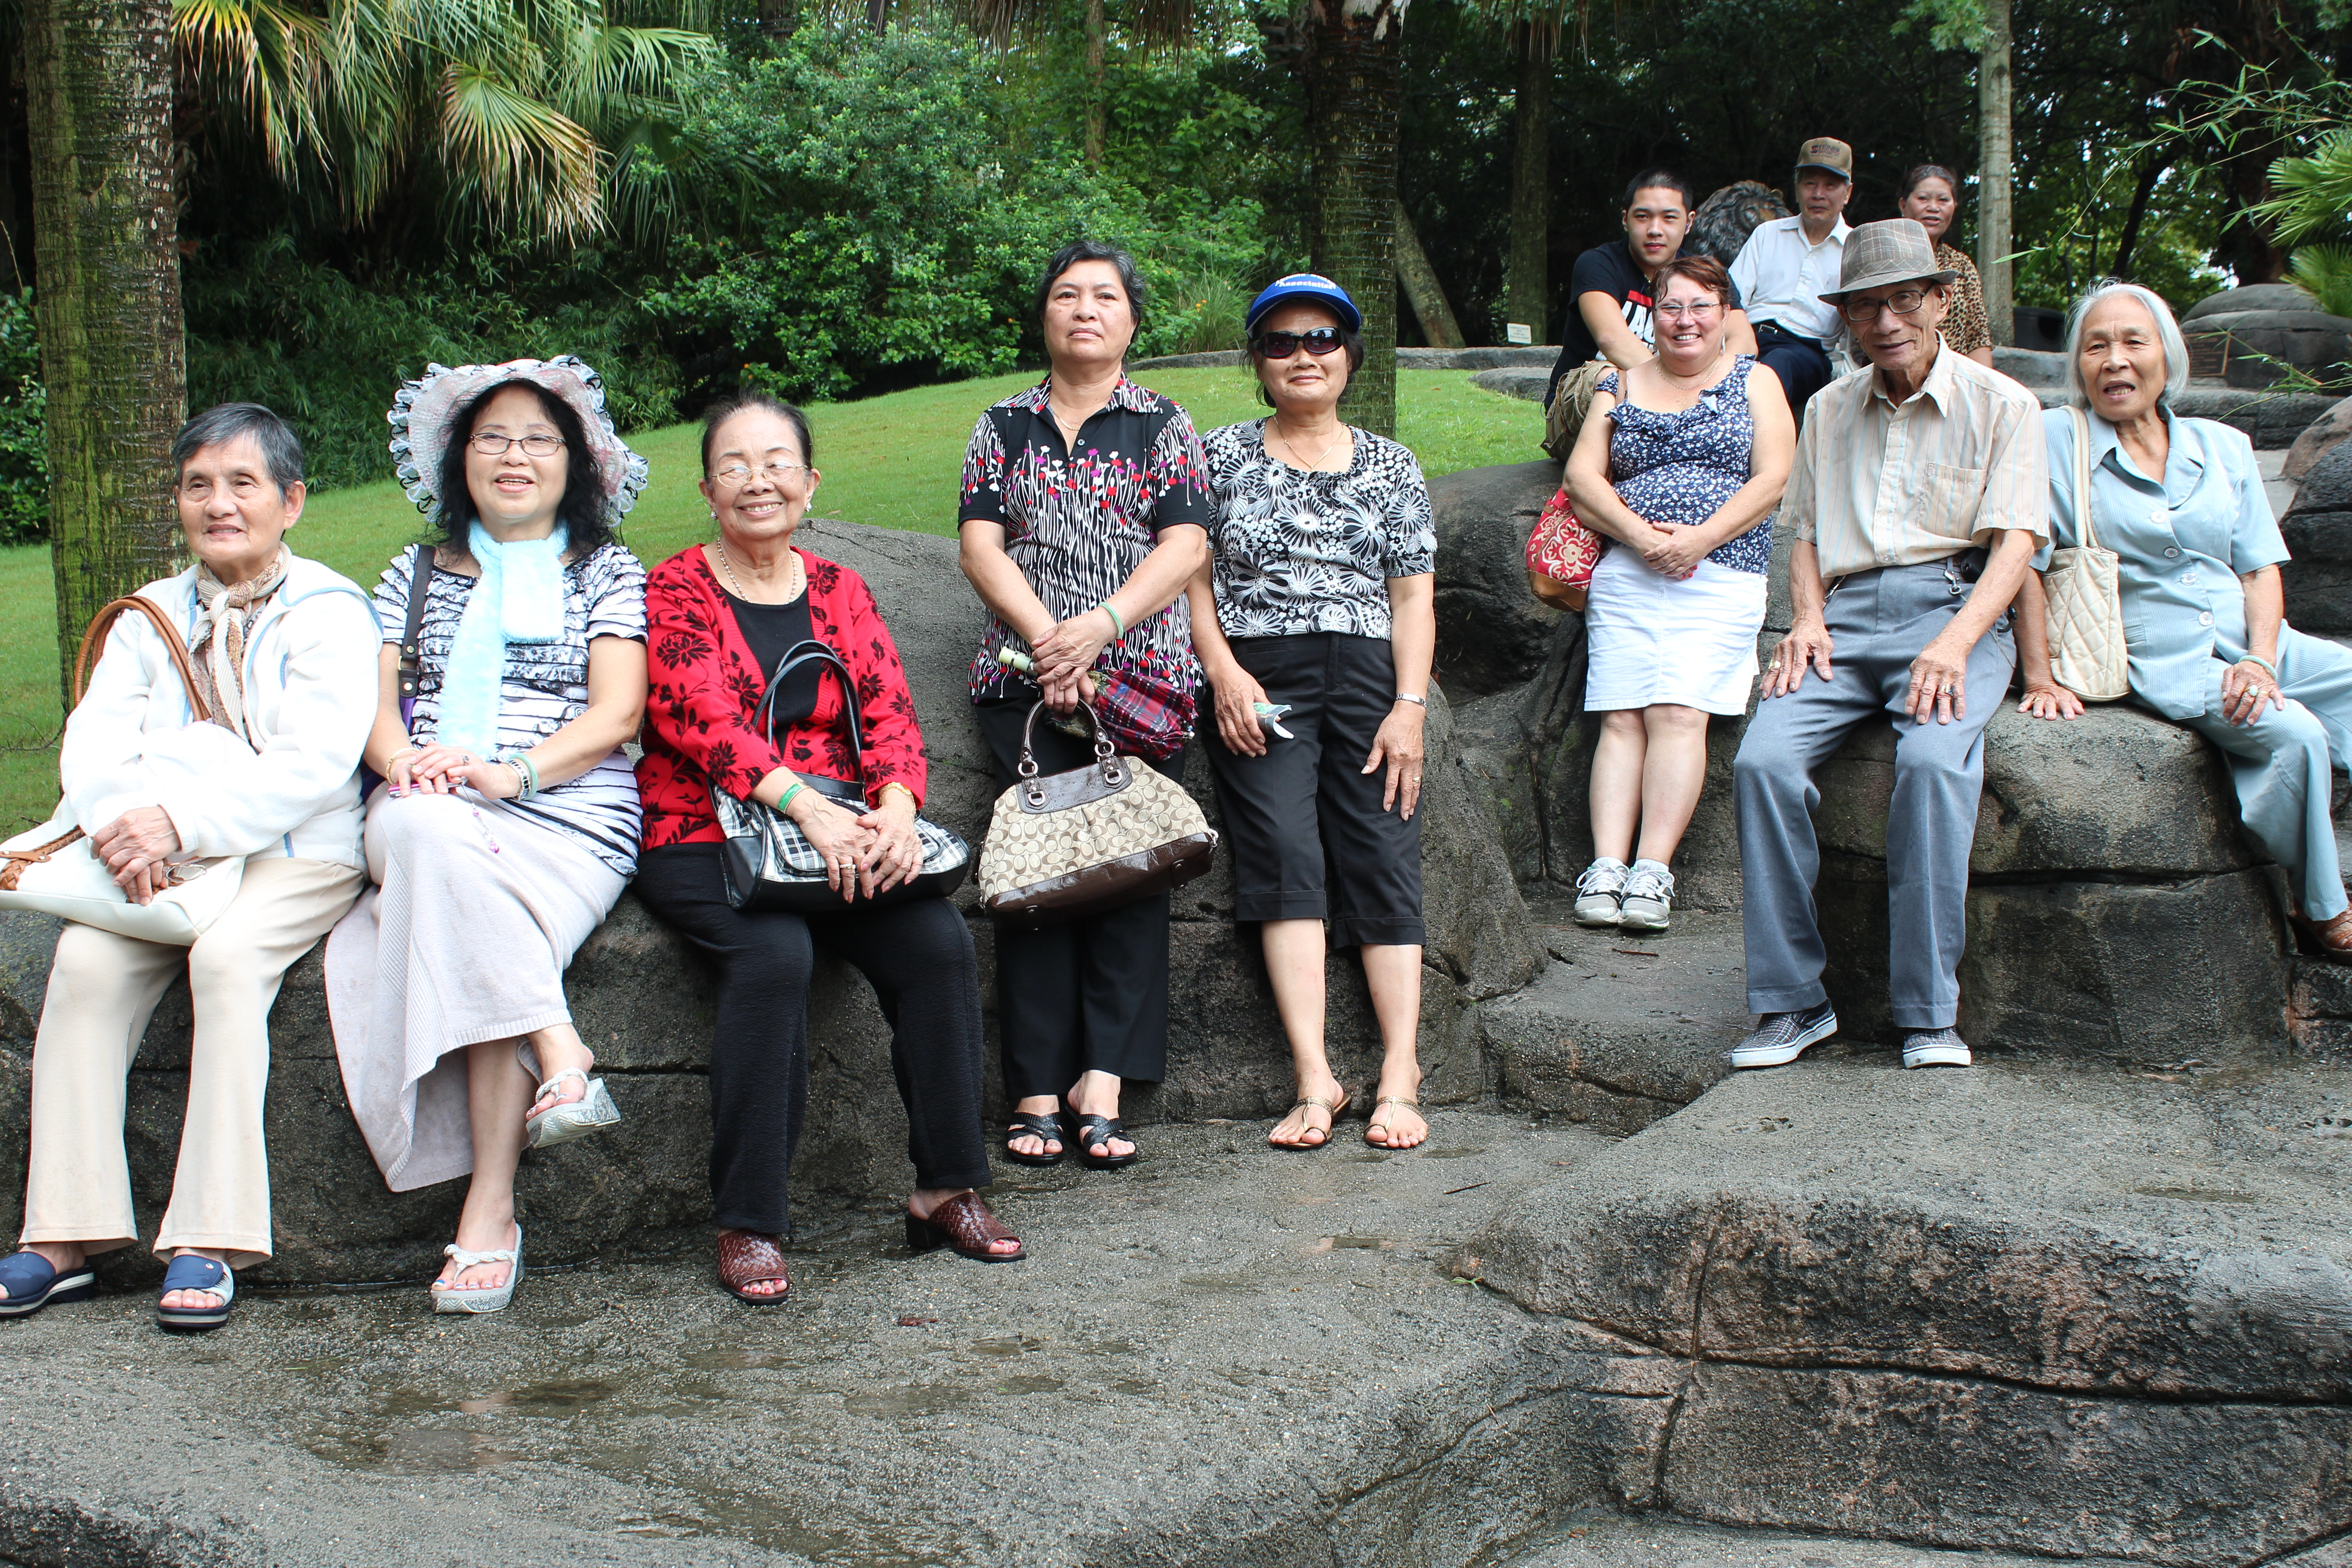 AAA-Senior's Audubon Zoo Field Trip